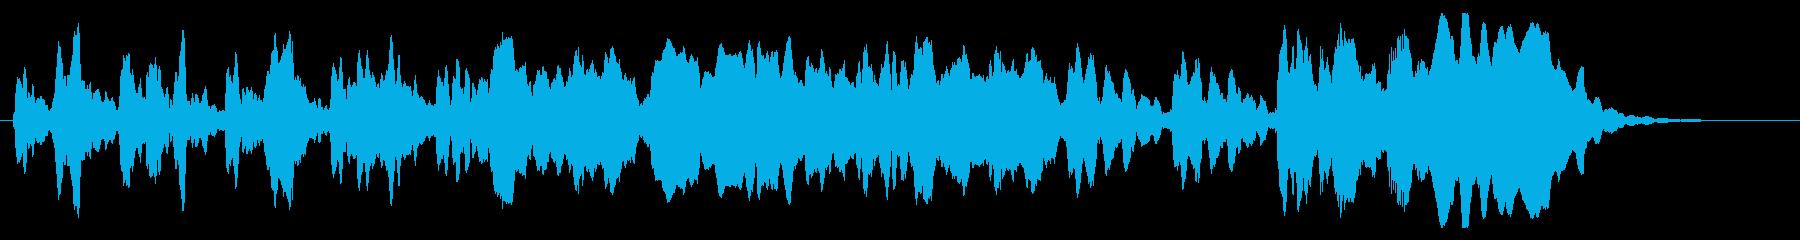 涼しげな尺八のショートジングルの再生済みの波形